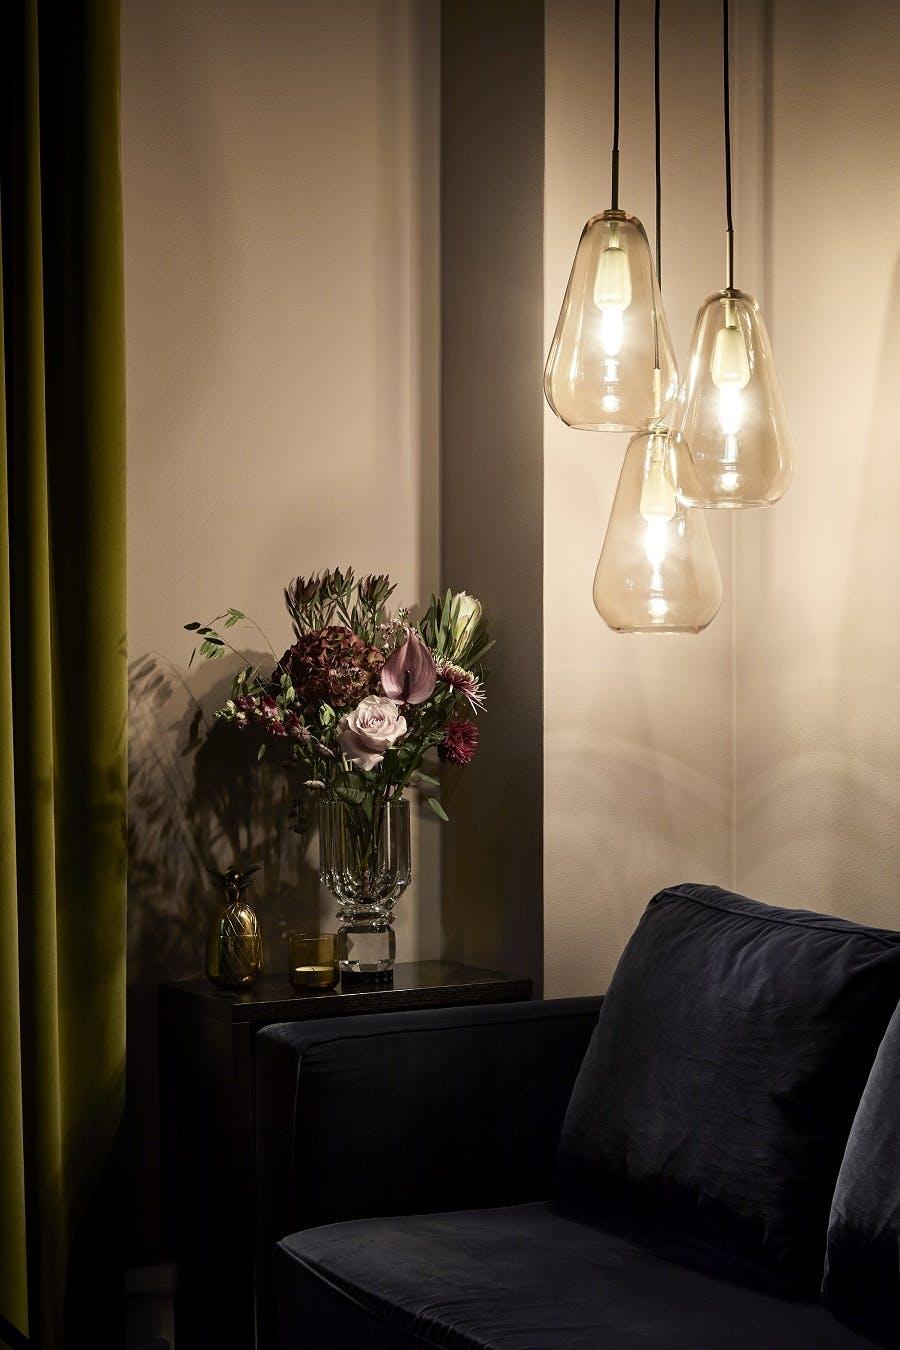 Introducing New Danish Lighting Brand Nuura Anoli